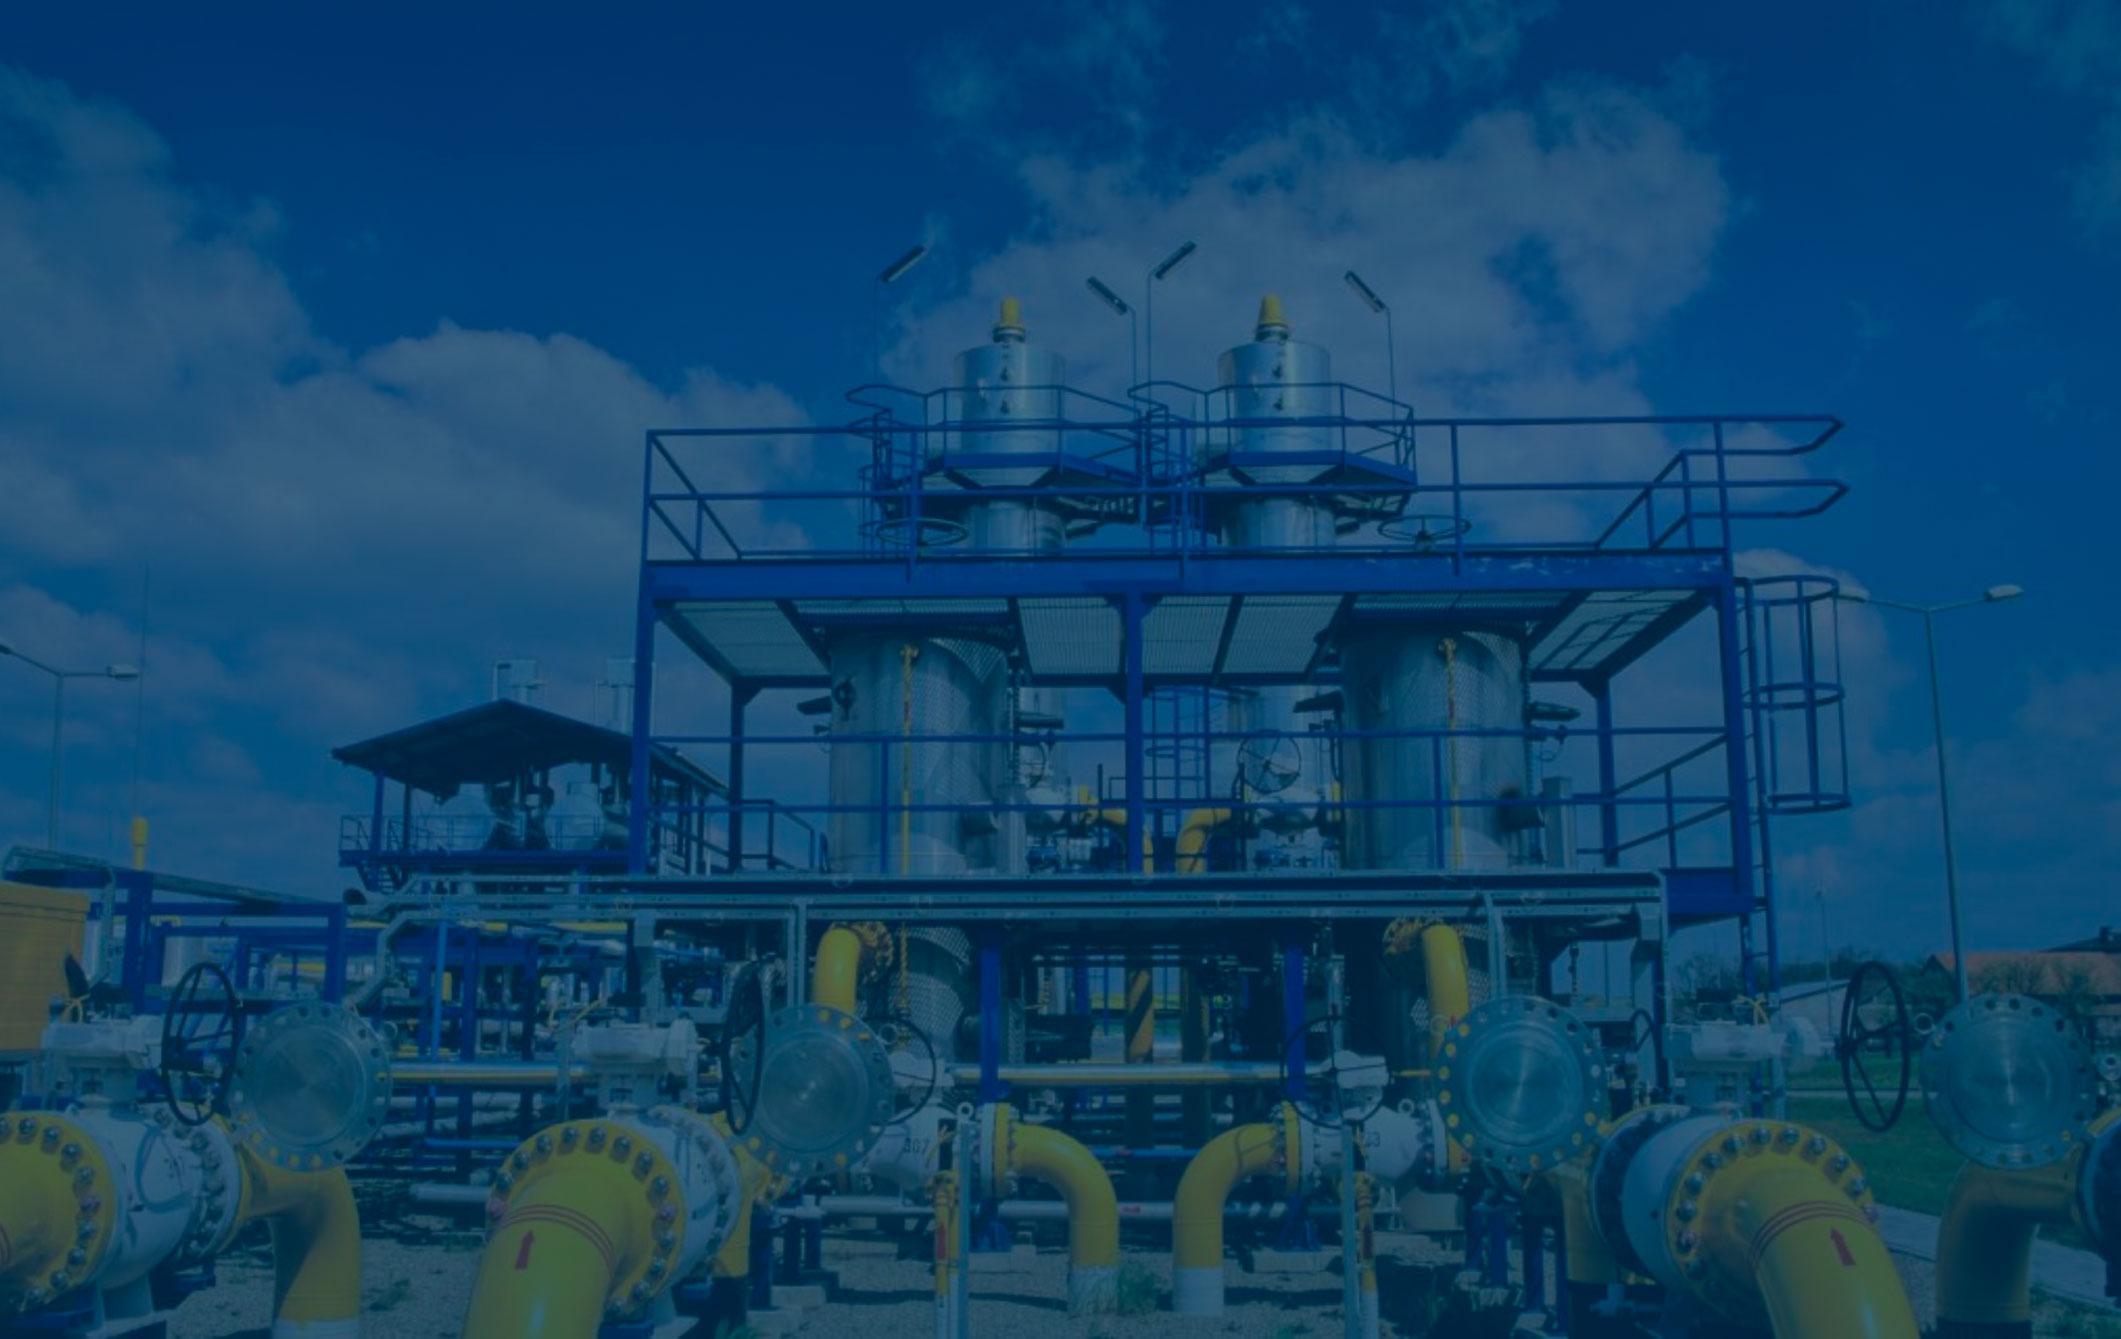 Б7. Требования промышленной безопасности на объектах газораспределения и газопотребления